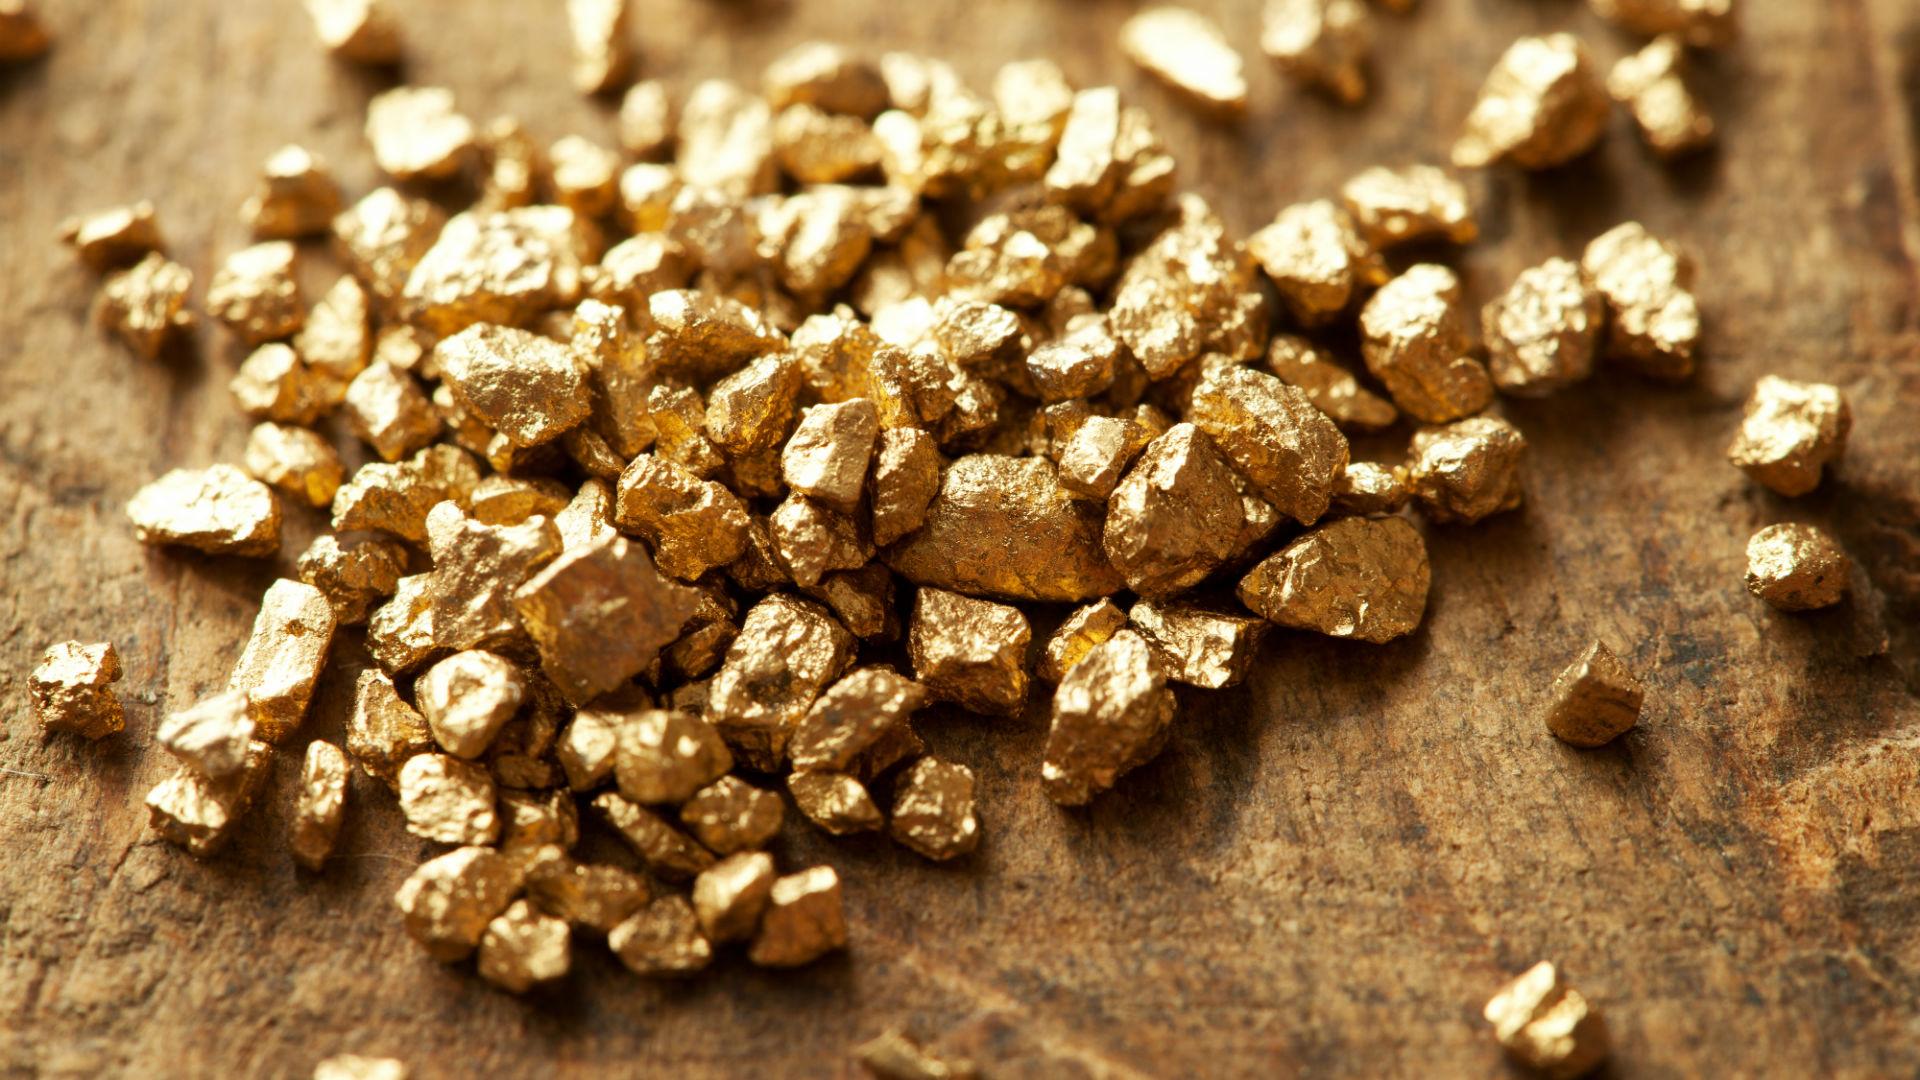 Китай инвестирует почти полмиллиарда долларов в месторождение золота в Забайкалье